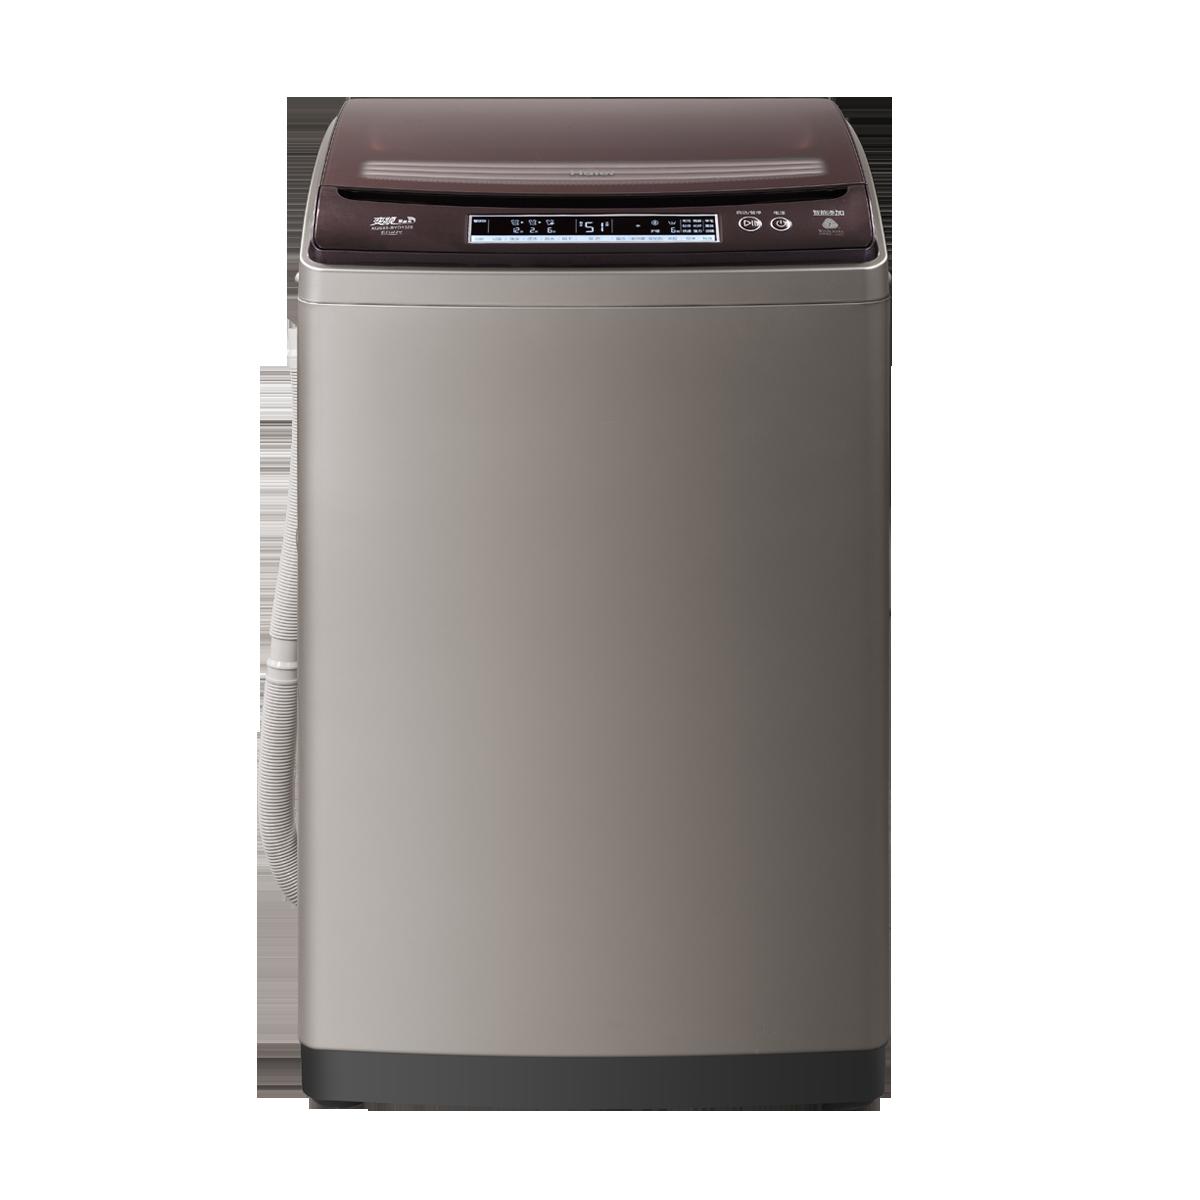 海尔Haier洗衣机 XQS85-BYD1328 说明书